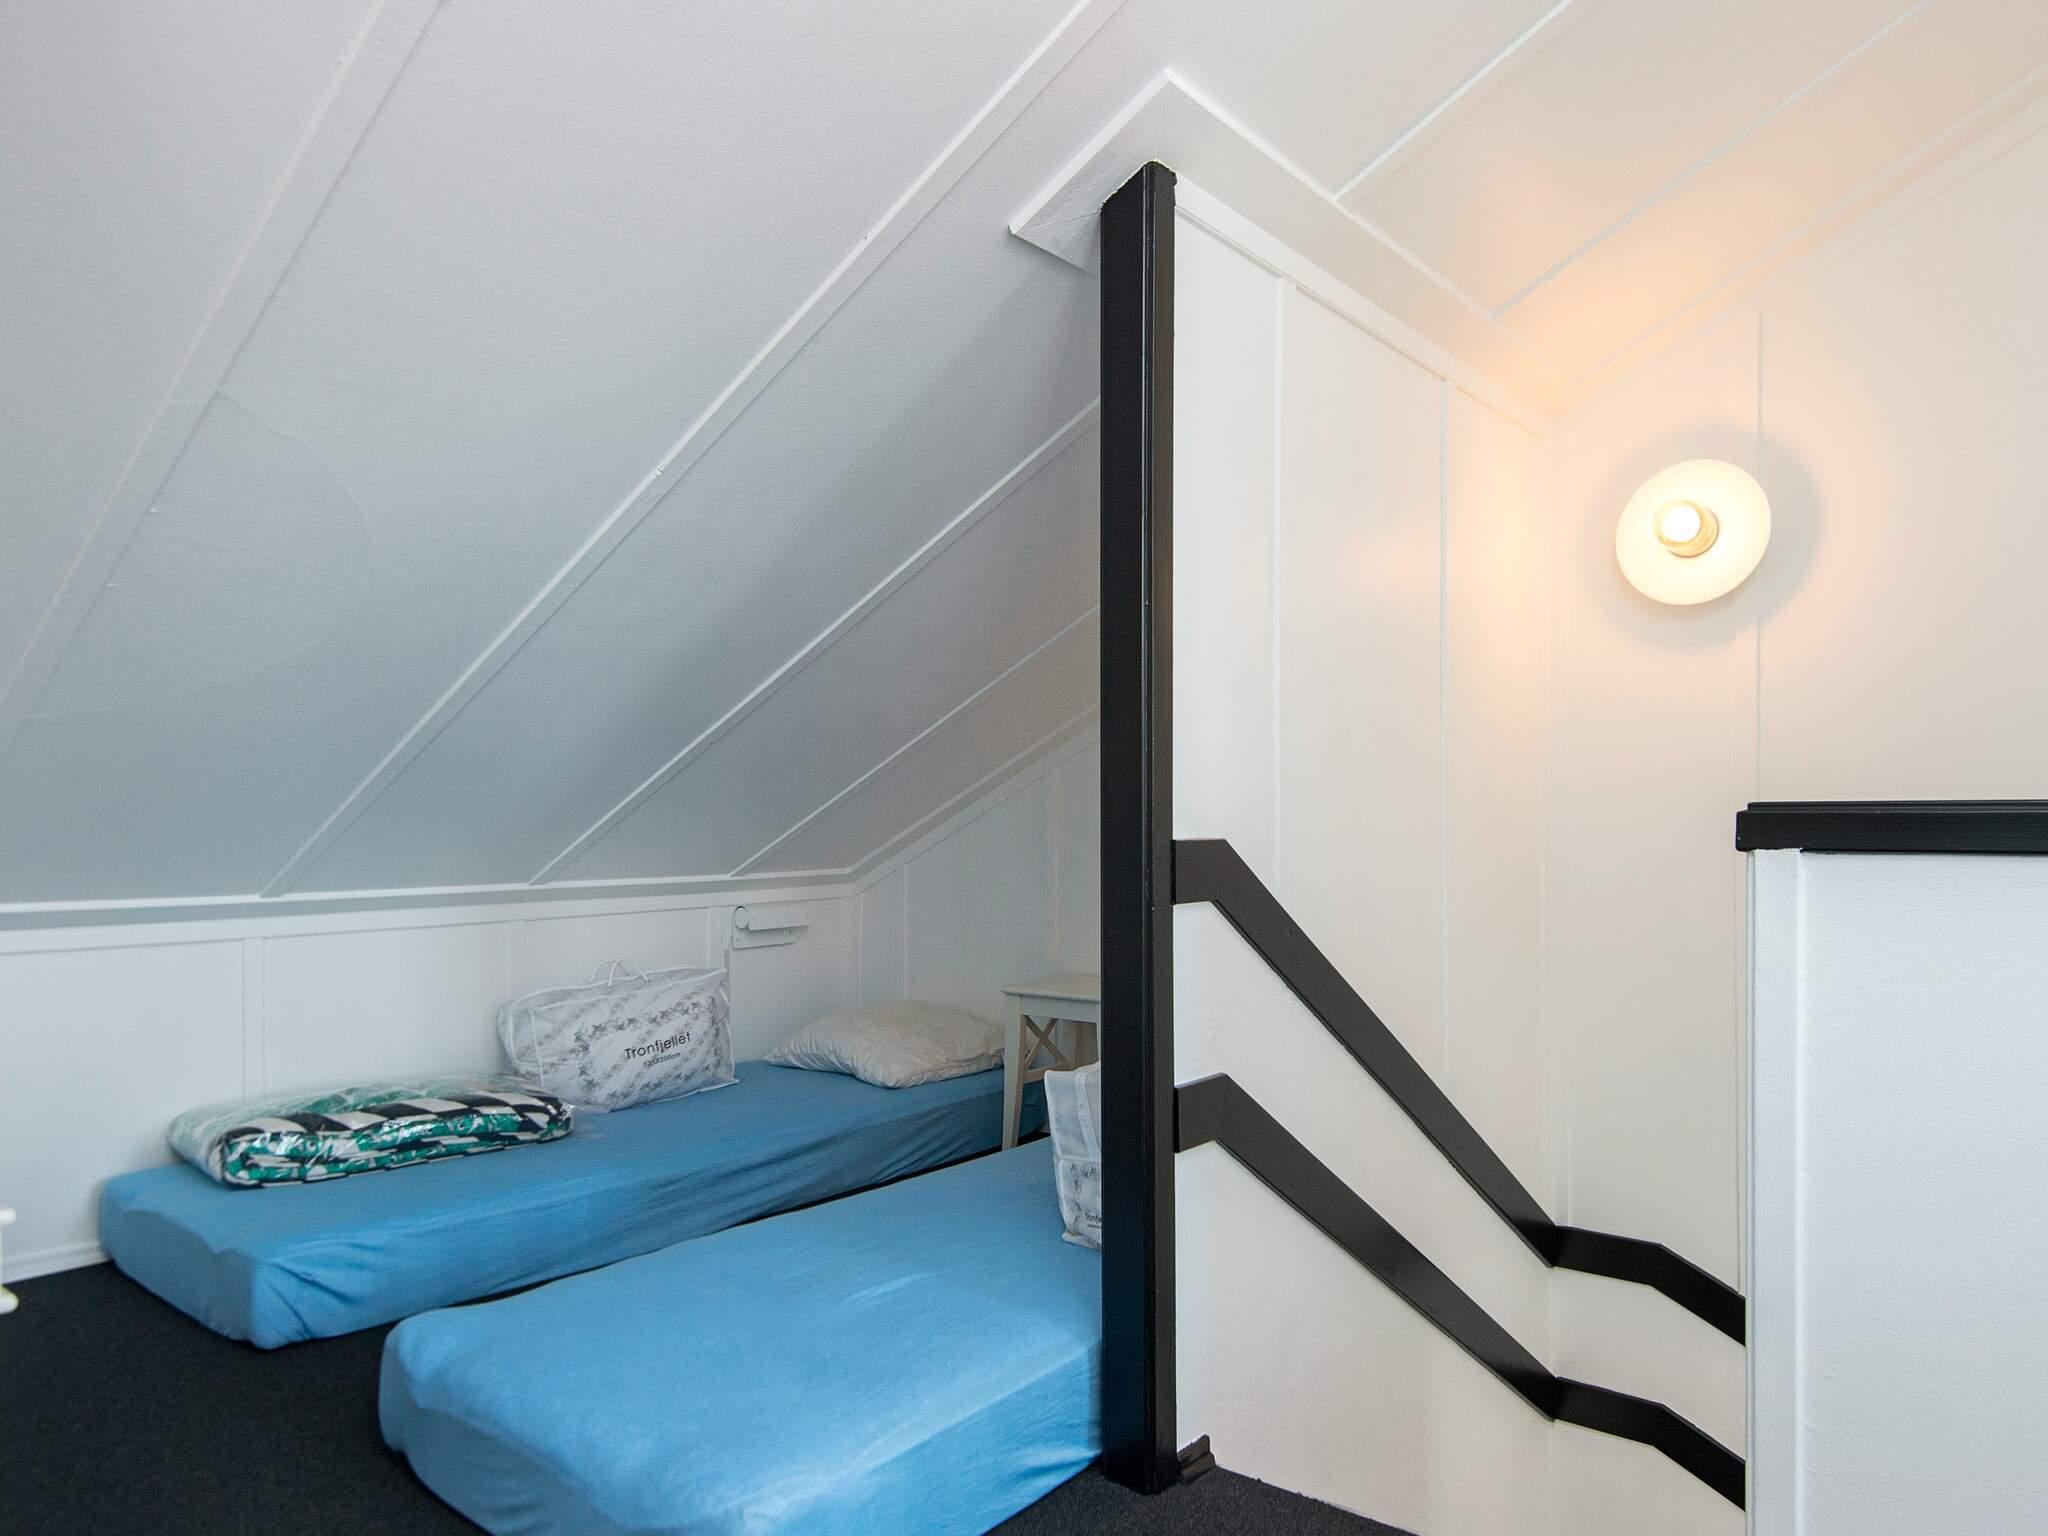 Ferienwohnung Øer Maritime Ferieby - Typ 1 - 3 Zimmer,2 Ebenen (921102), Øerne, , Dänische Ostsee, Dänemark, Bild 7